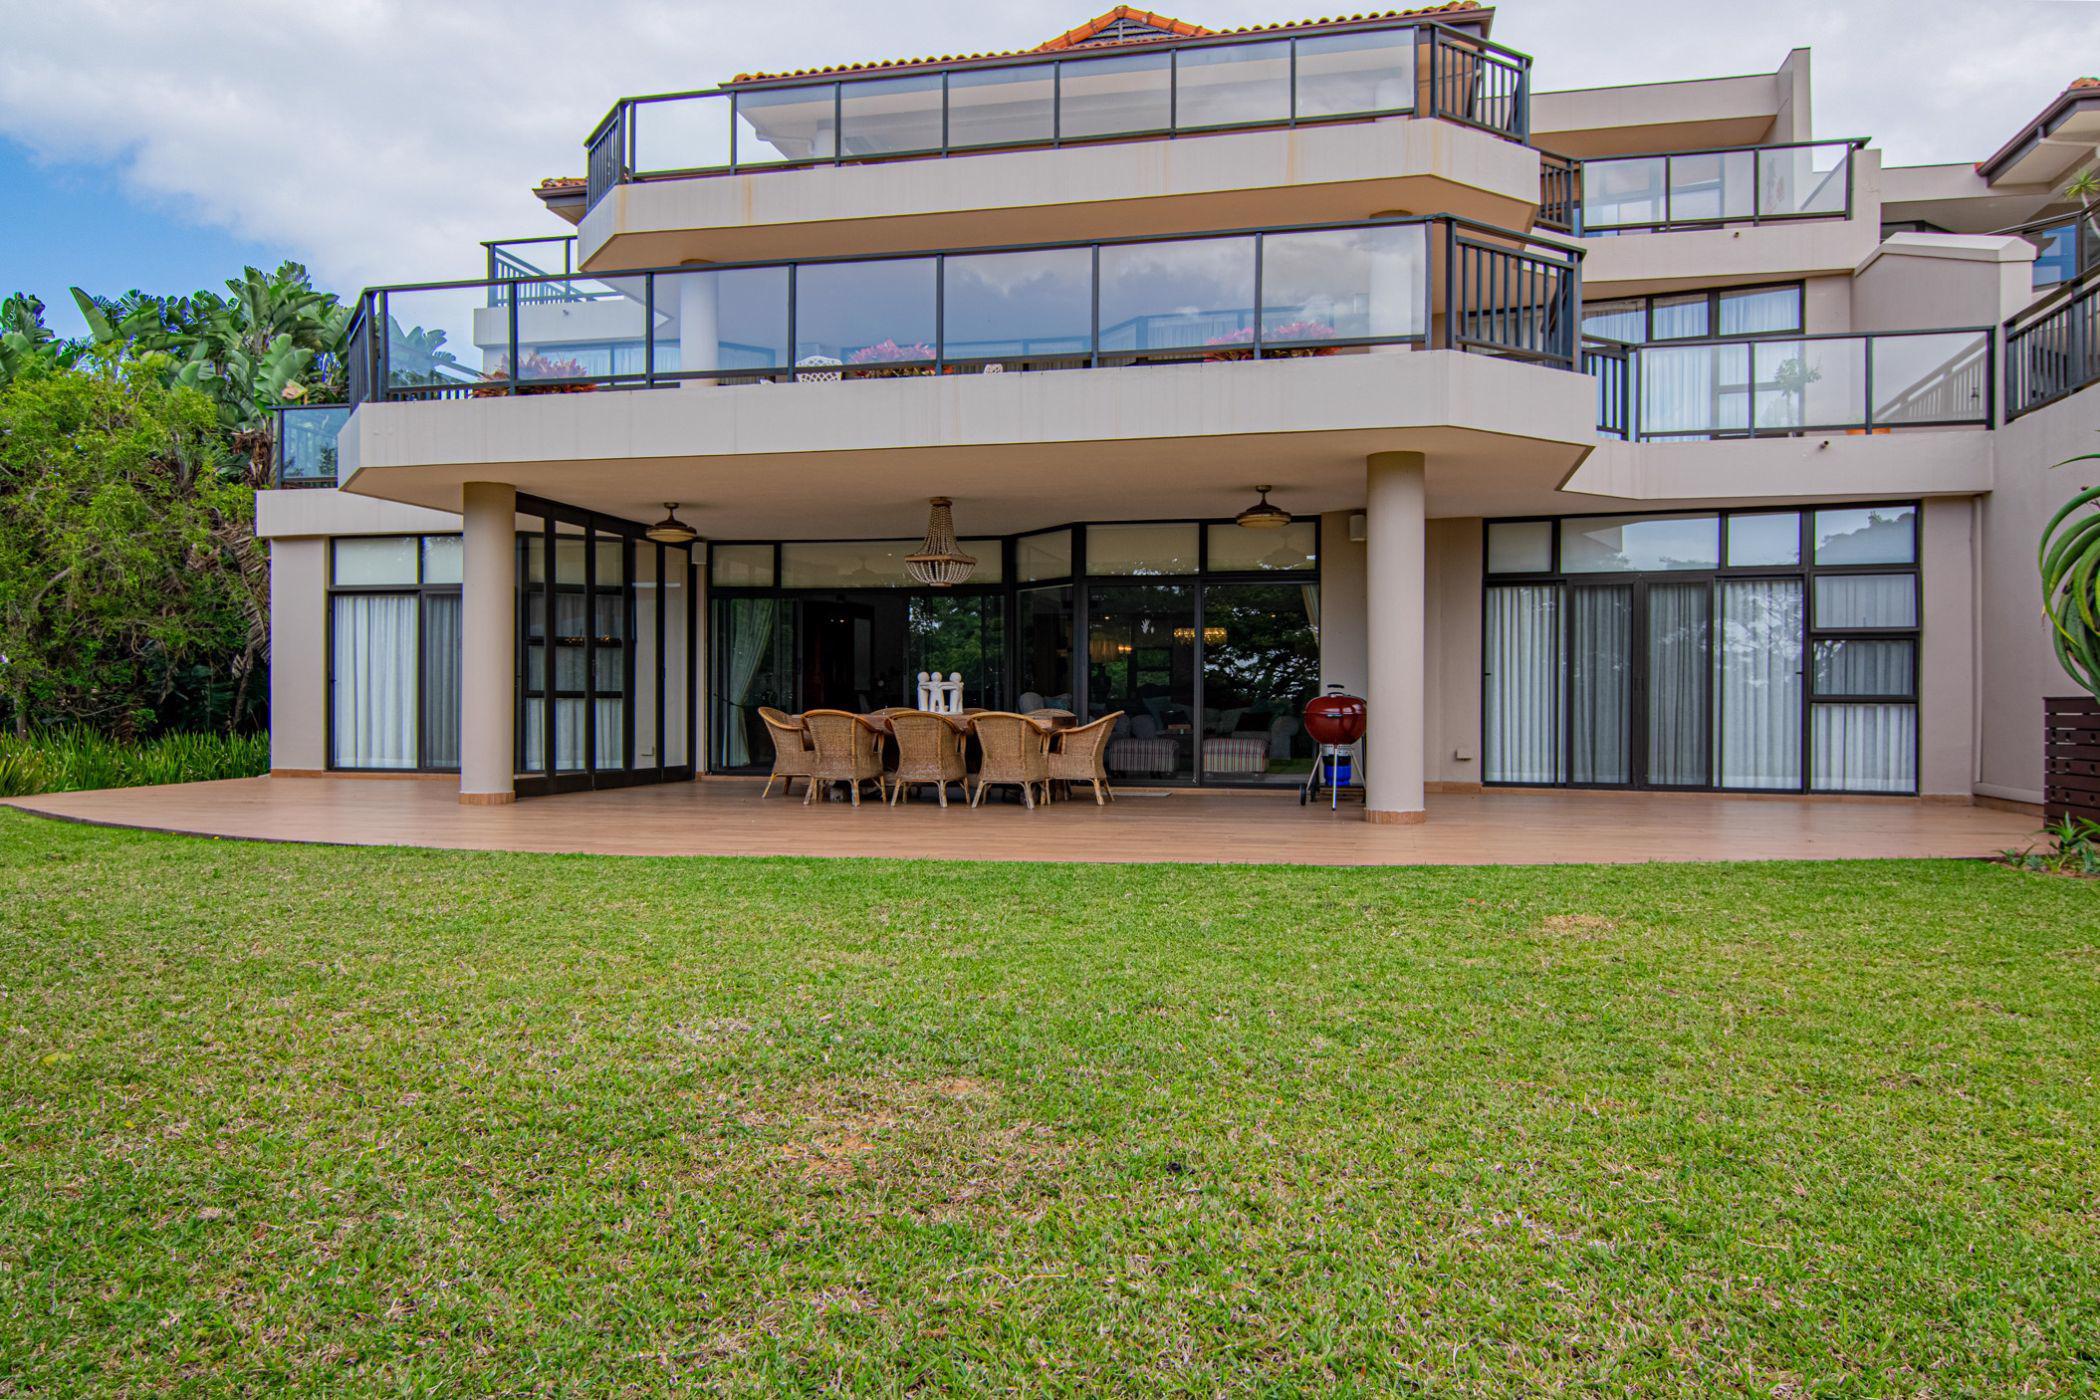 3 bedroom apartment for sale in Zimbali Coastal Resort